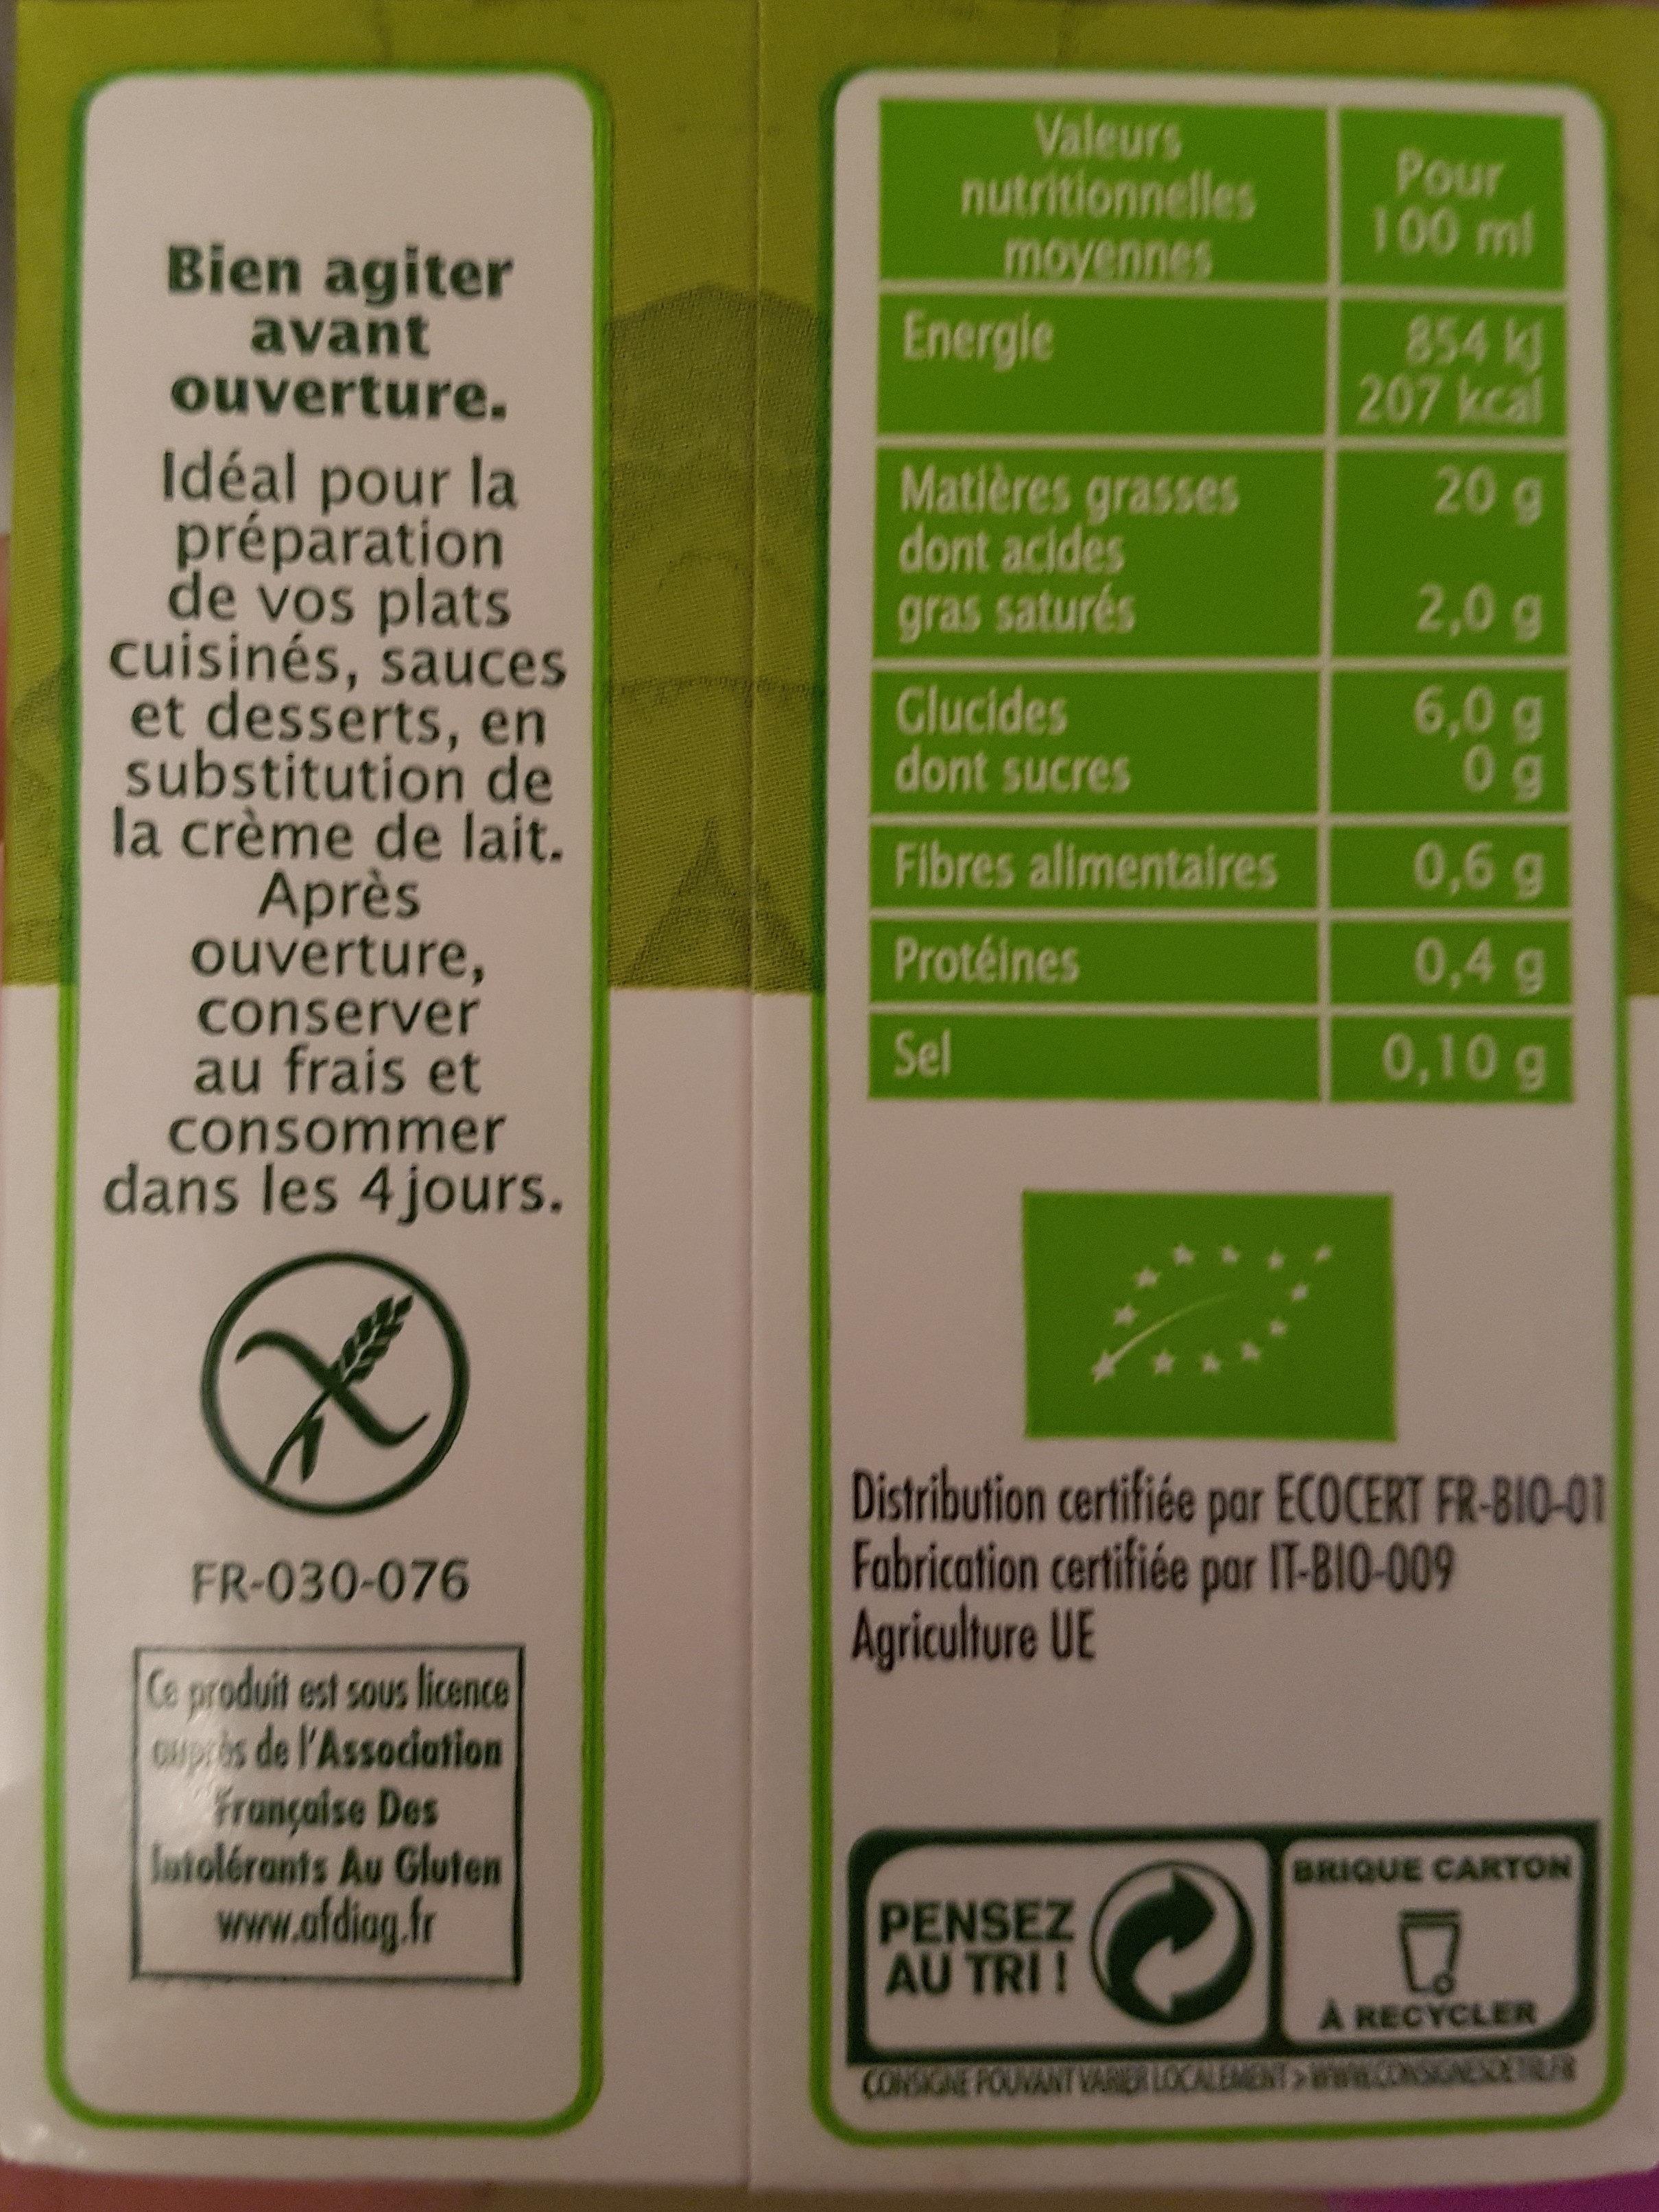 Riz cuisine léger - Nutrition facts - fr